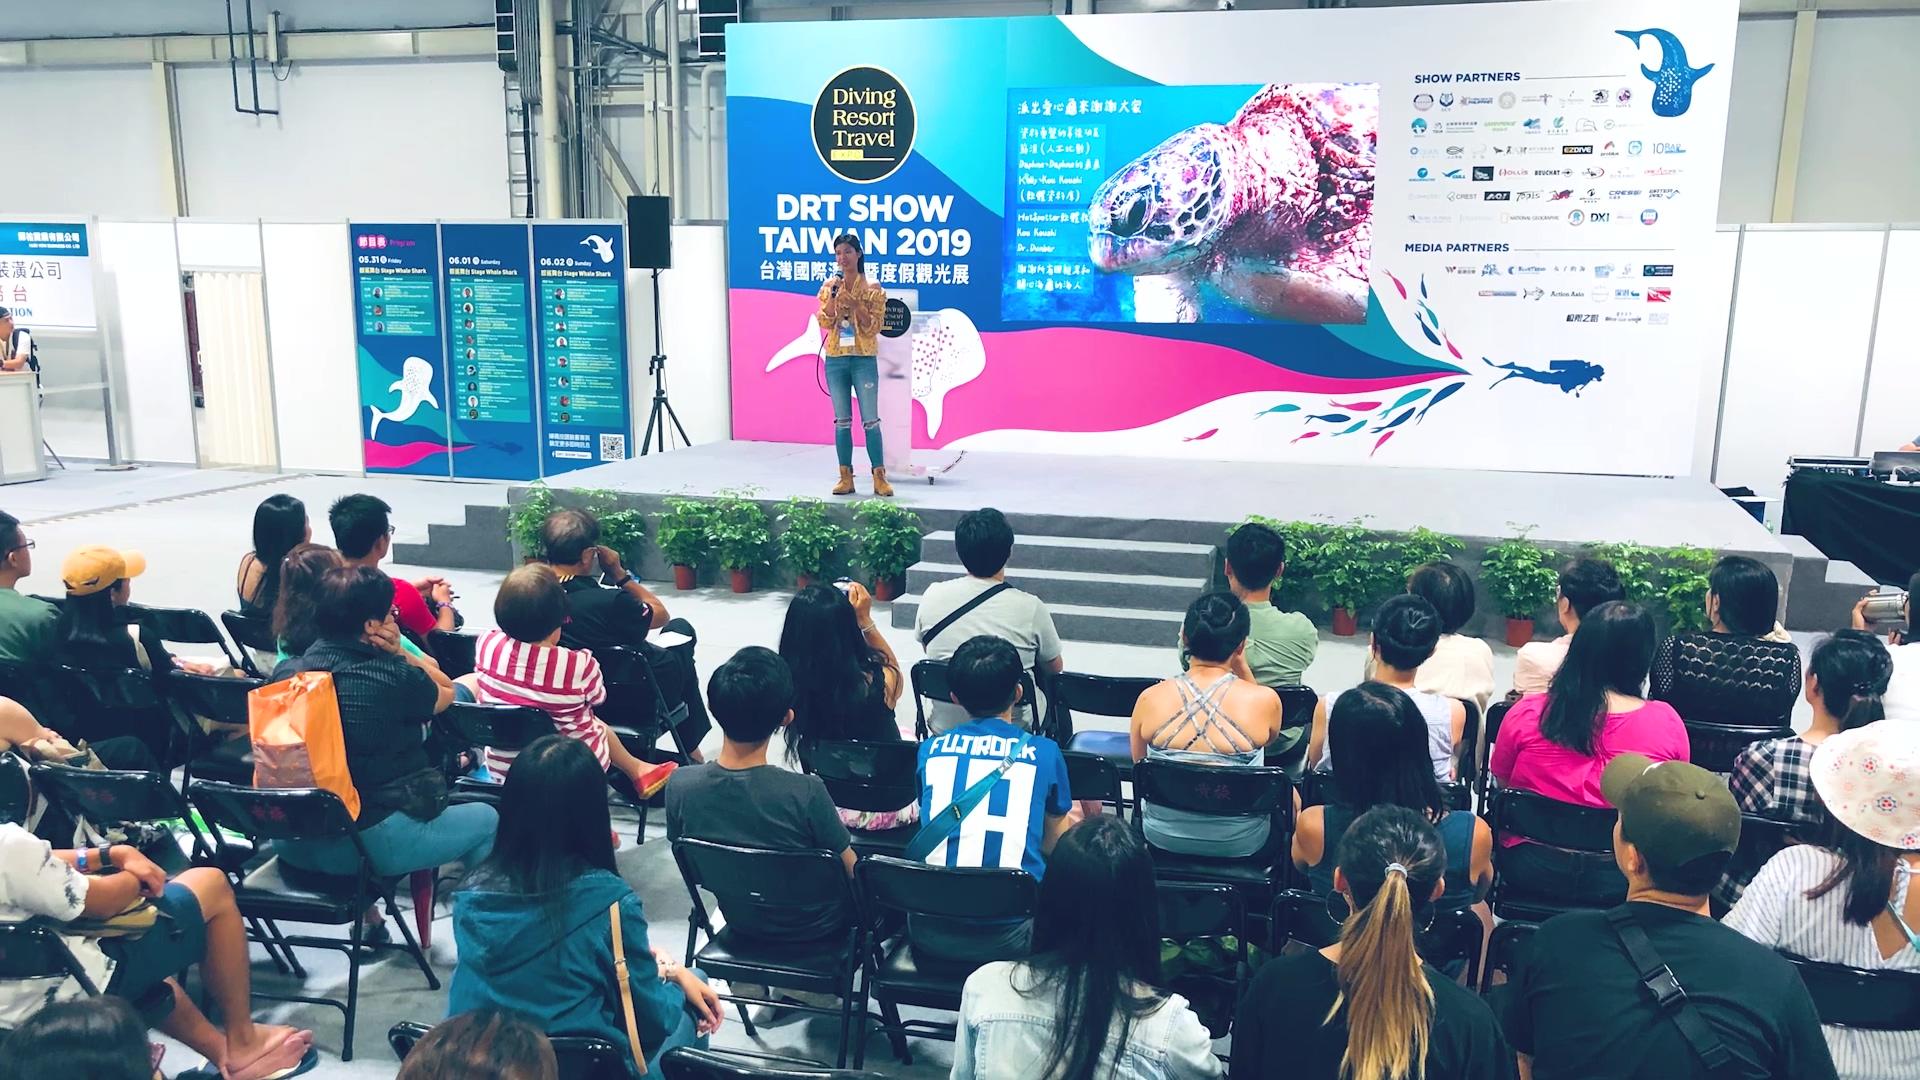 海龜姊姊」馮加伶於2019台灣國際潛水暨度假觀光展(DRT Show Taiwan 2019)演講。